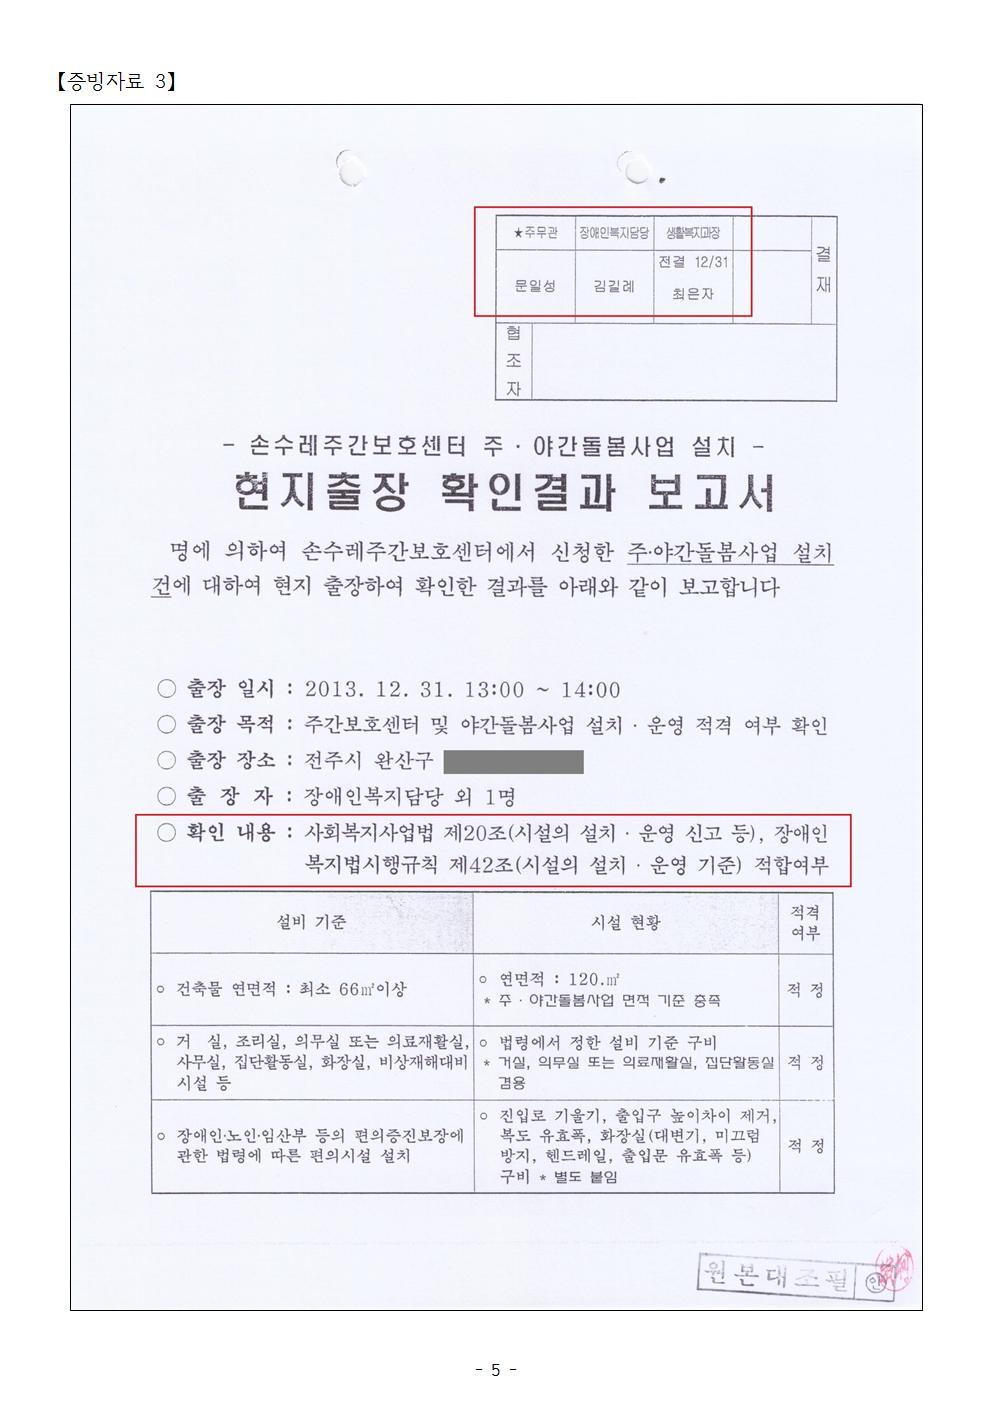 2013년 12월 31일 전주시(전북도), 손수레주간보호센터 신고에서 수리까지 모두 당일에 OK005.jpg